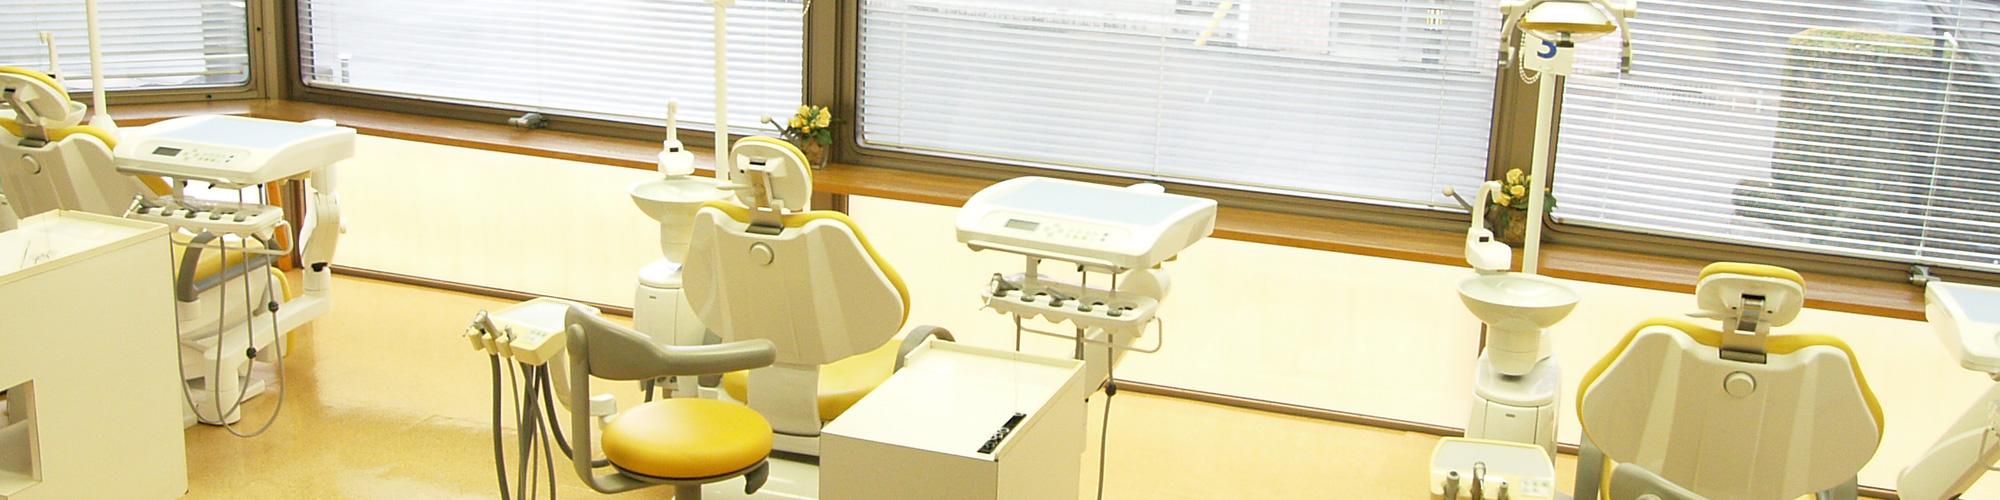 陶山はじめ矯正歯科